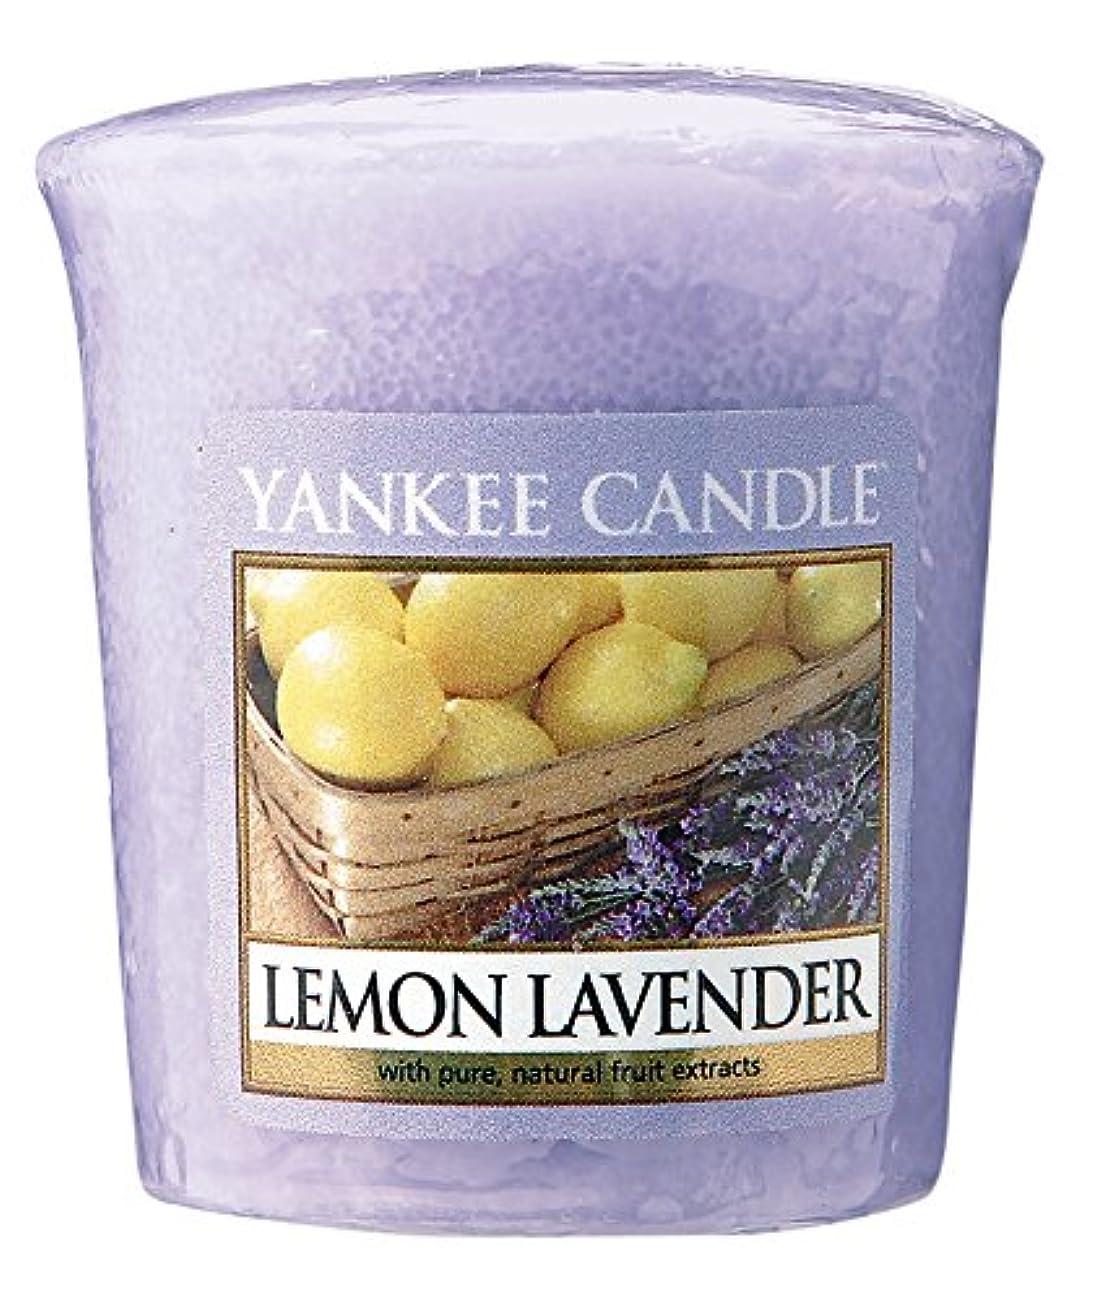 しつけリフレッシュ飾るヤンキーキャンドル サンプラー お試しサイズ レモンラベンダー 燃焼時間約15時間 YANKEECANDLE アメリカ製